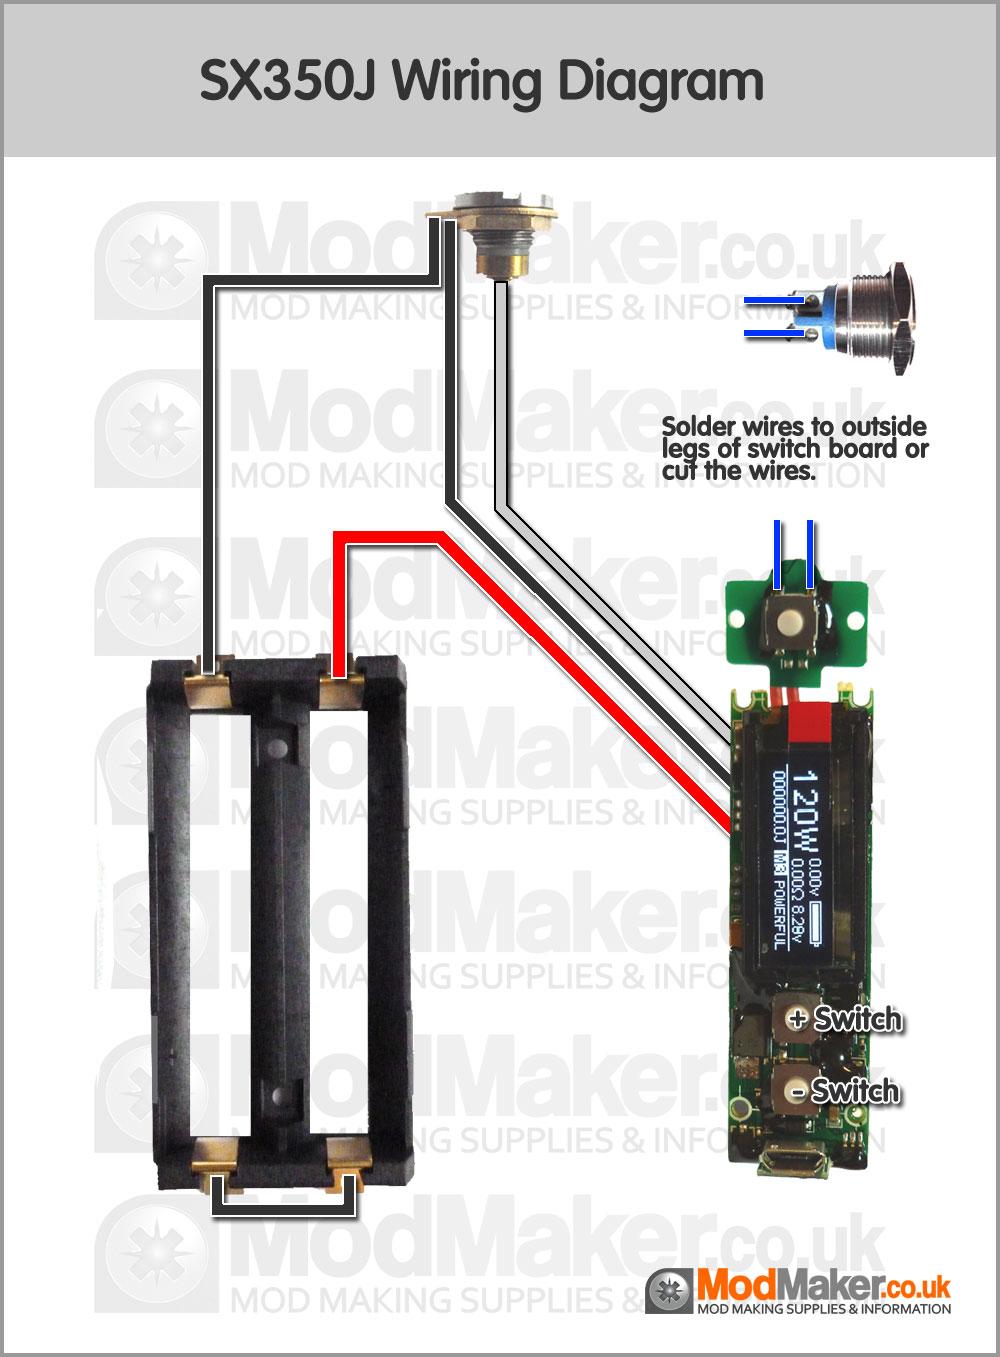 SX350J Wiring DiagramModMaker